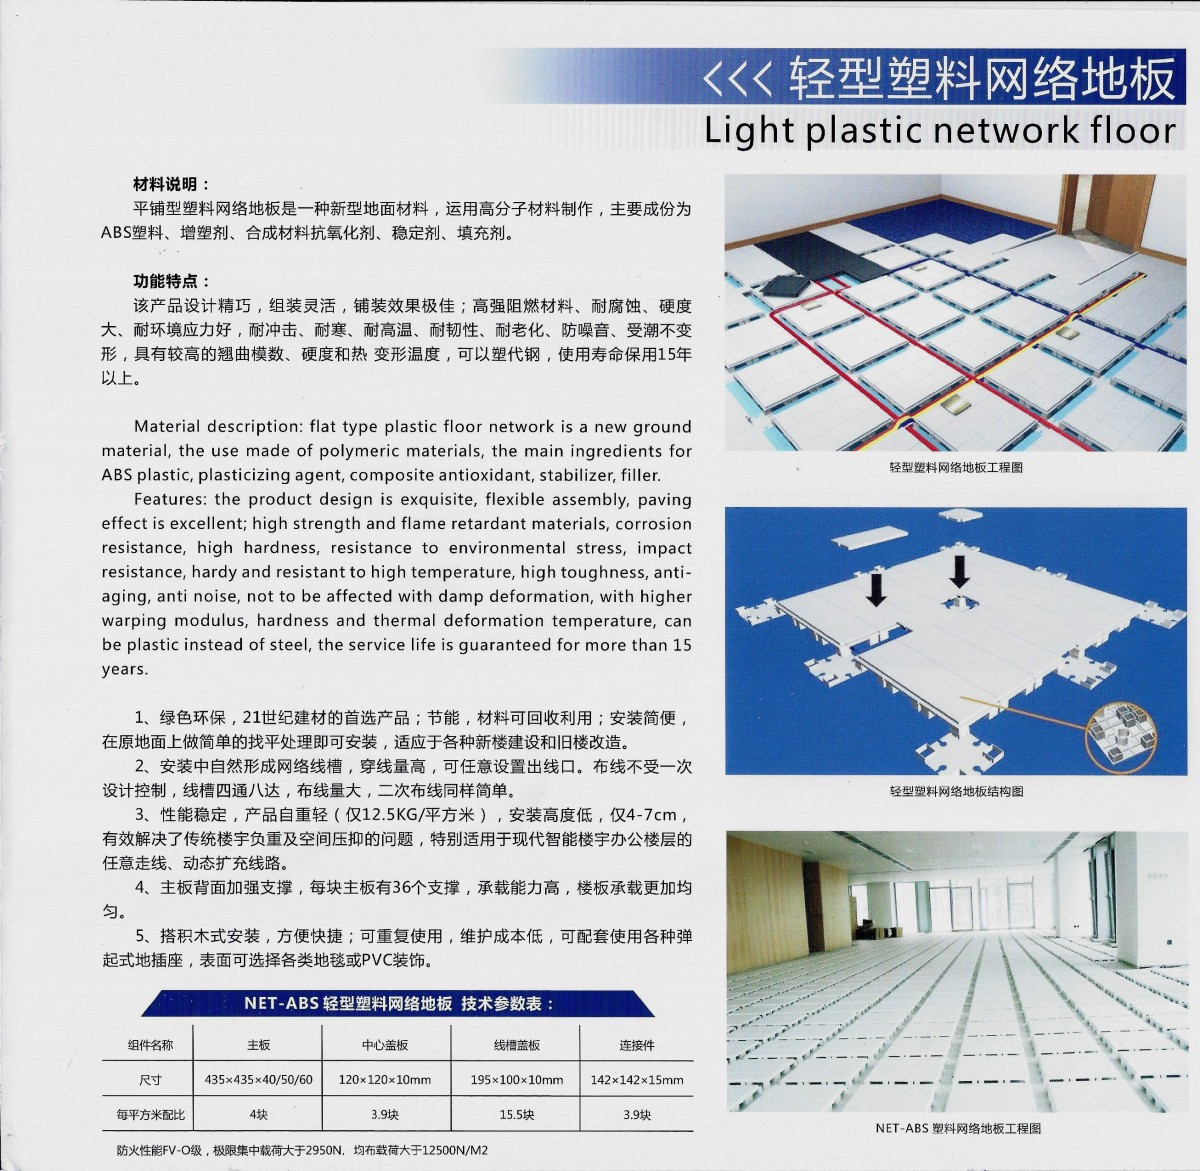 輕型塑料網絡地板